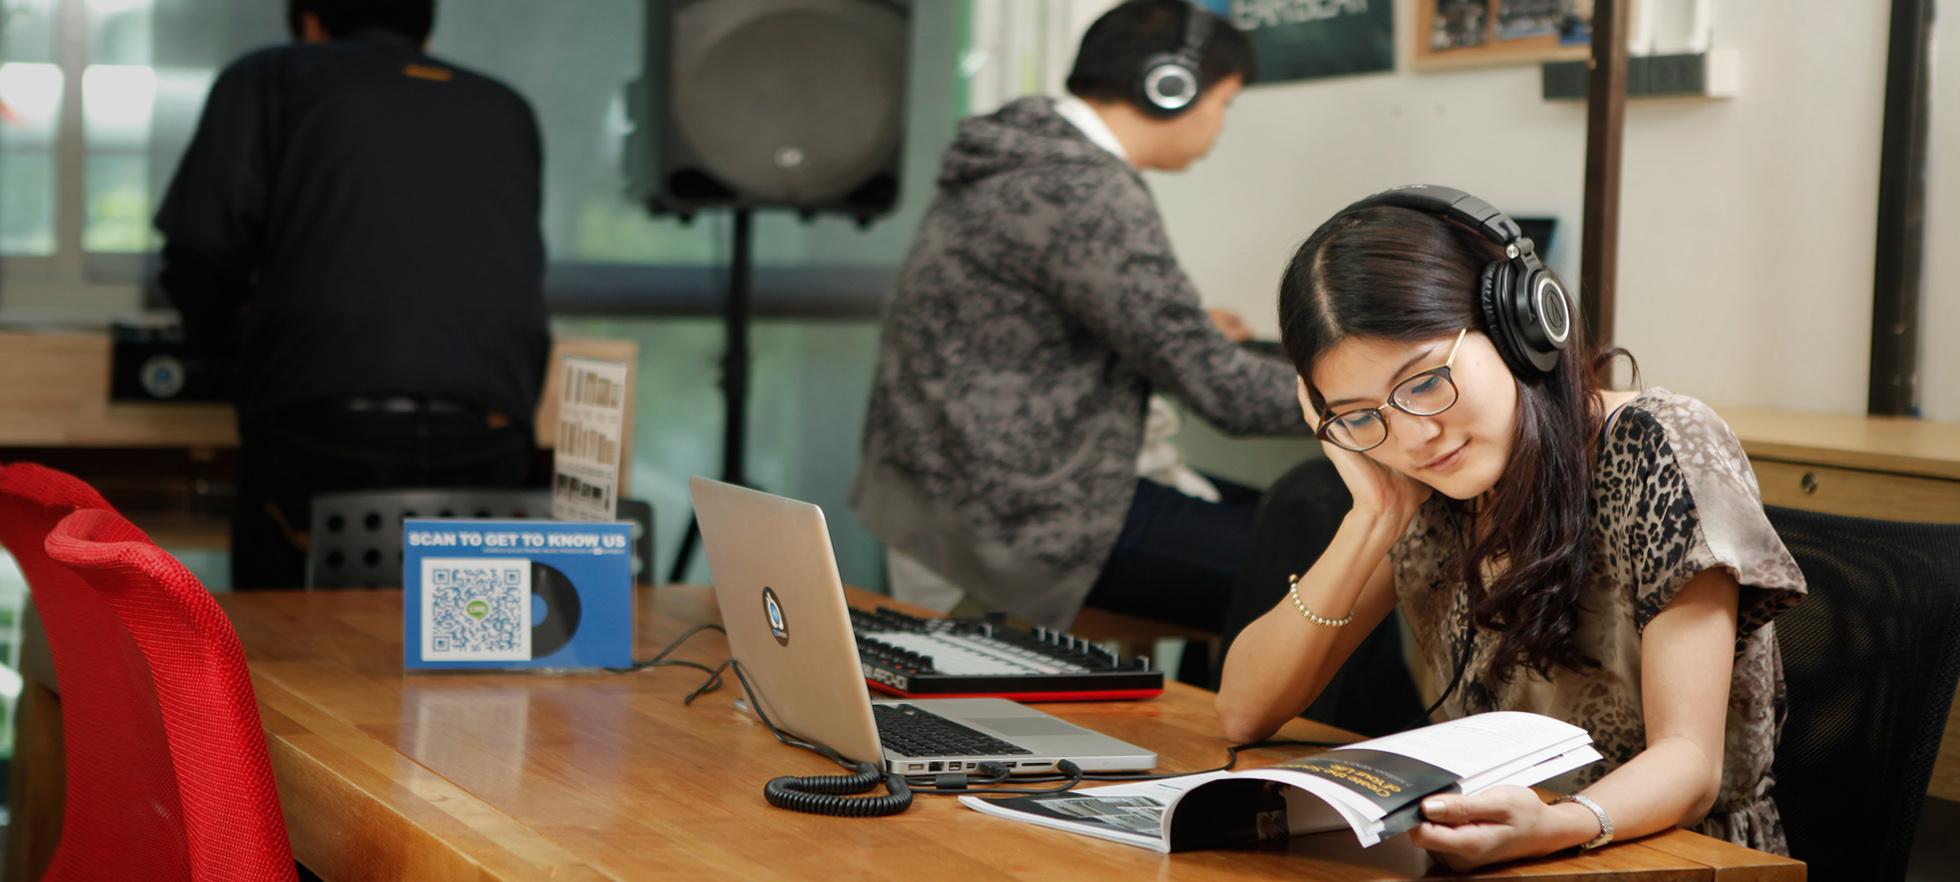 โซนสำหรับนักเรียน | InEarBeat